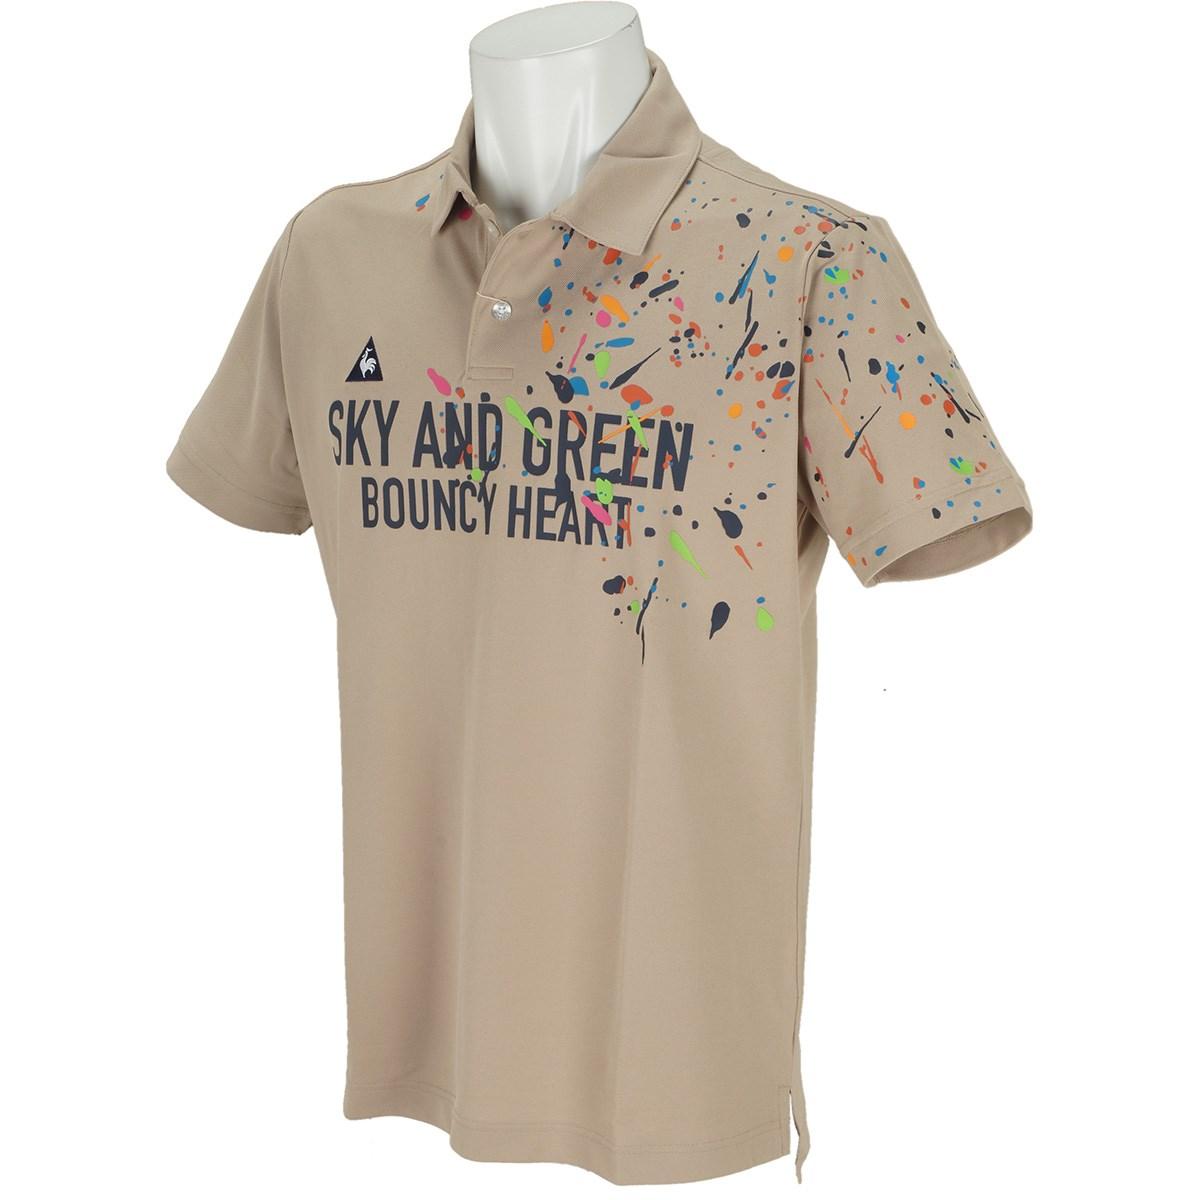 ルコックゴルフ クーリストスプラッシュパネルプリント半袖ポロシャツ